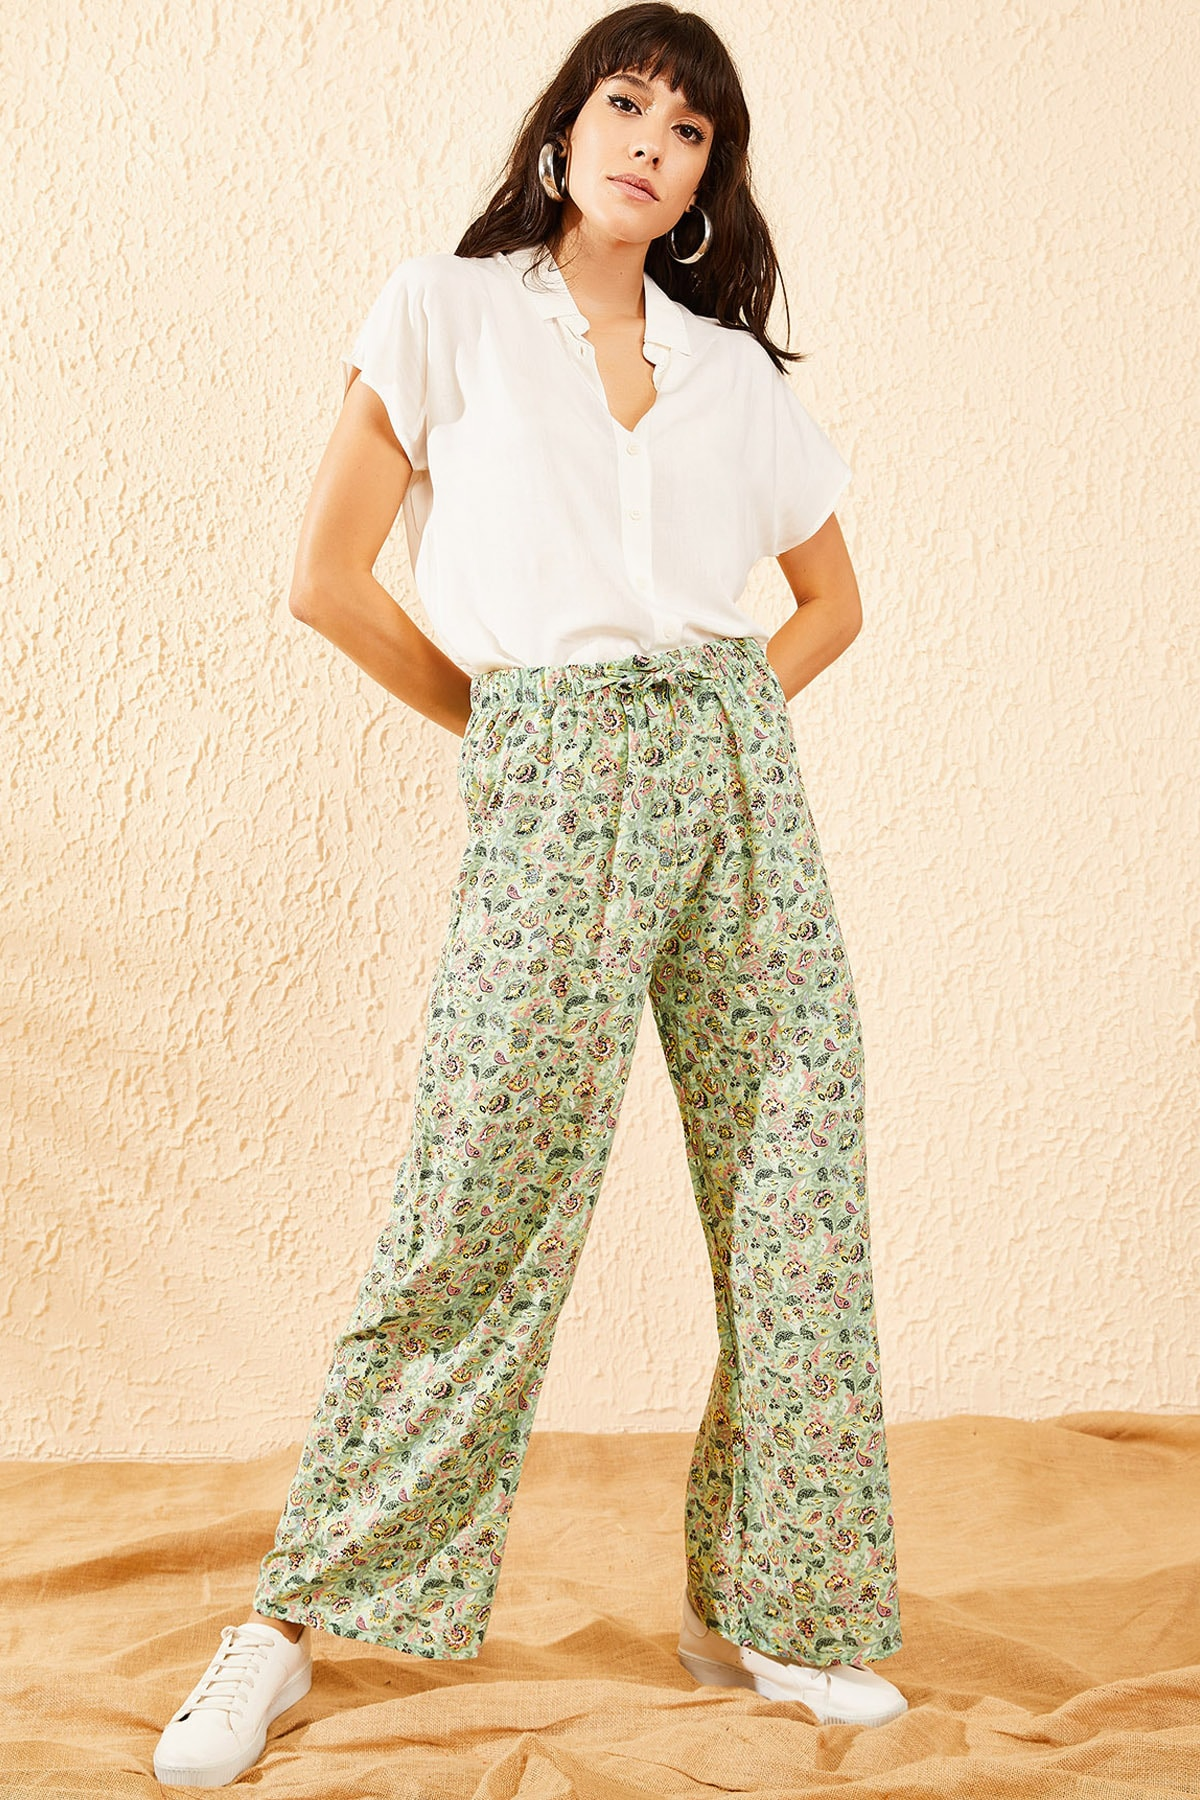 Bianco Lucci Kadın Mint Yeşili Çiçek Desenli Beli Lastikli Bol Paça Pantolon 10081051 1